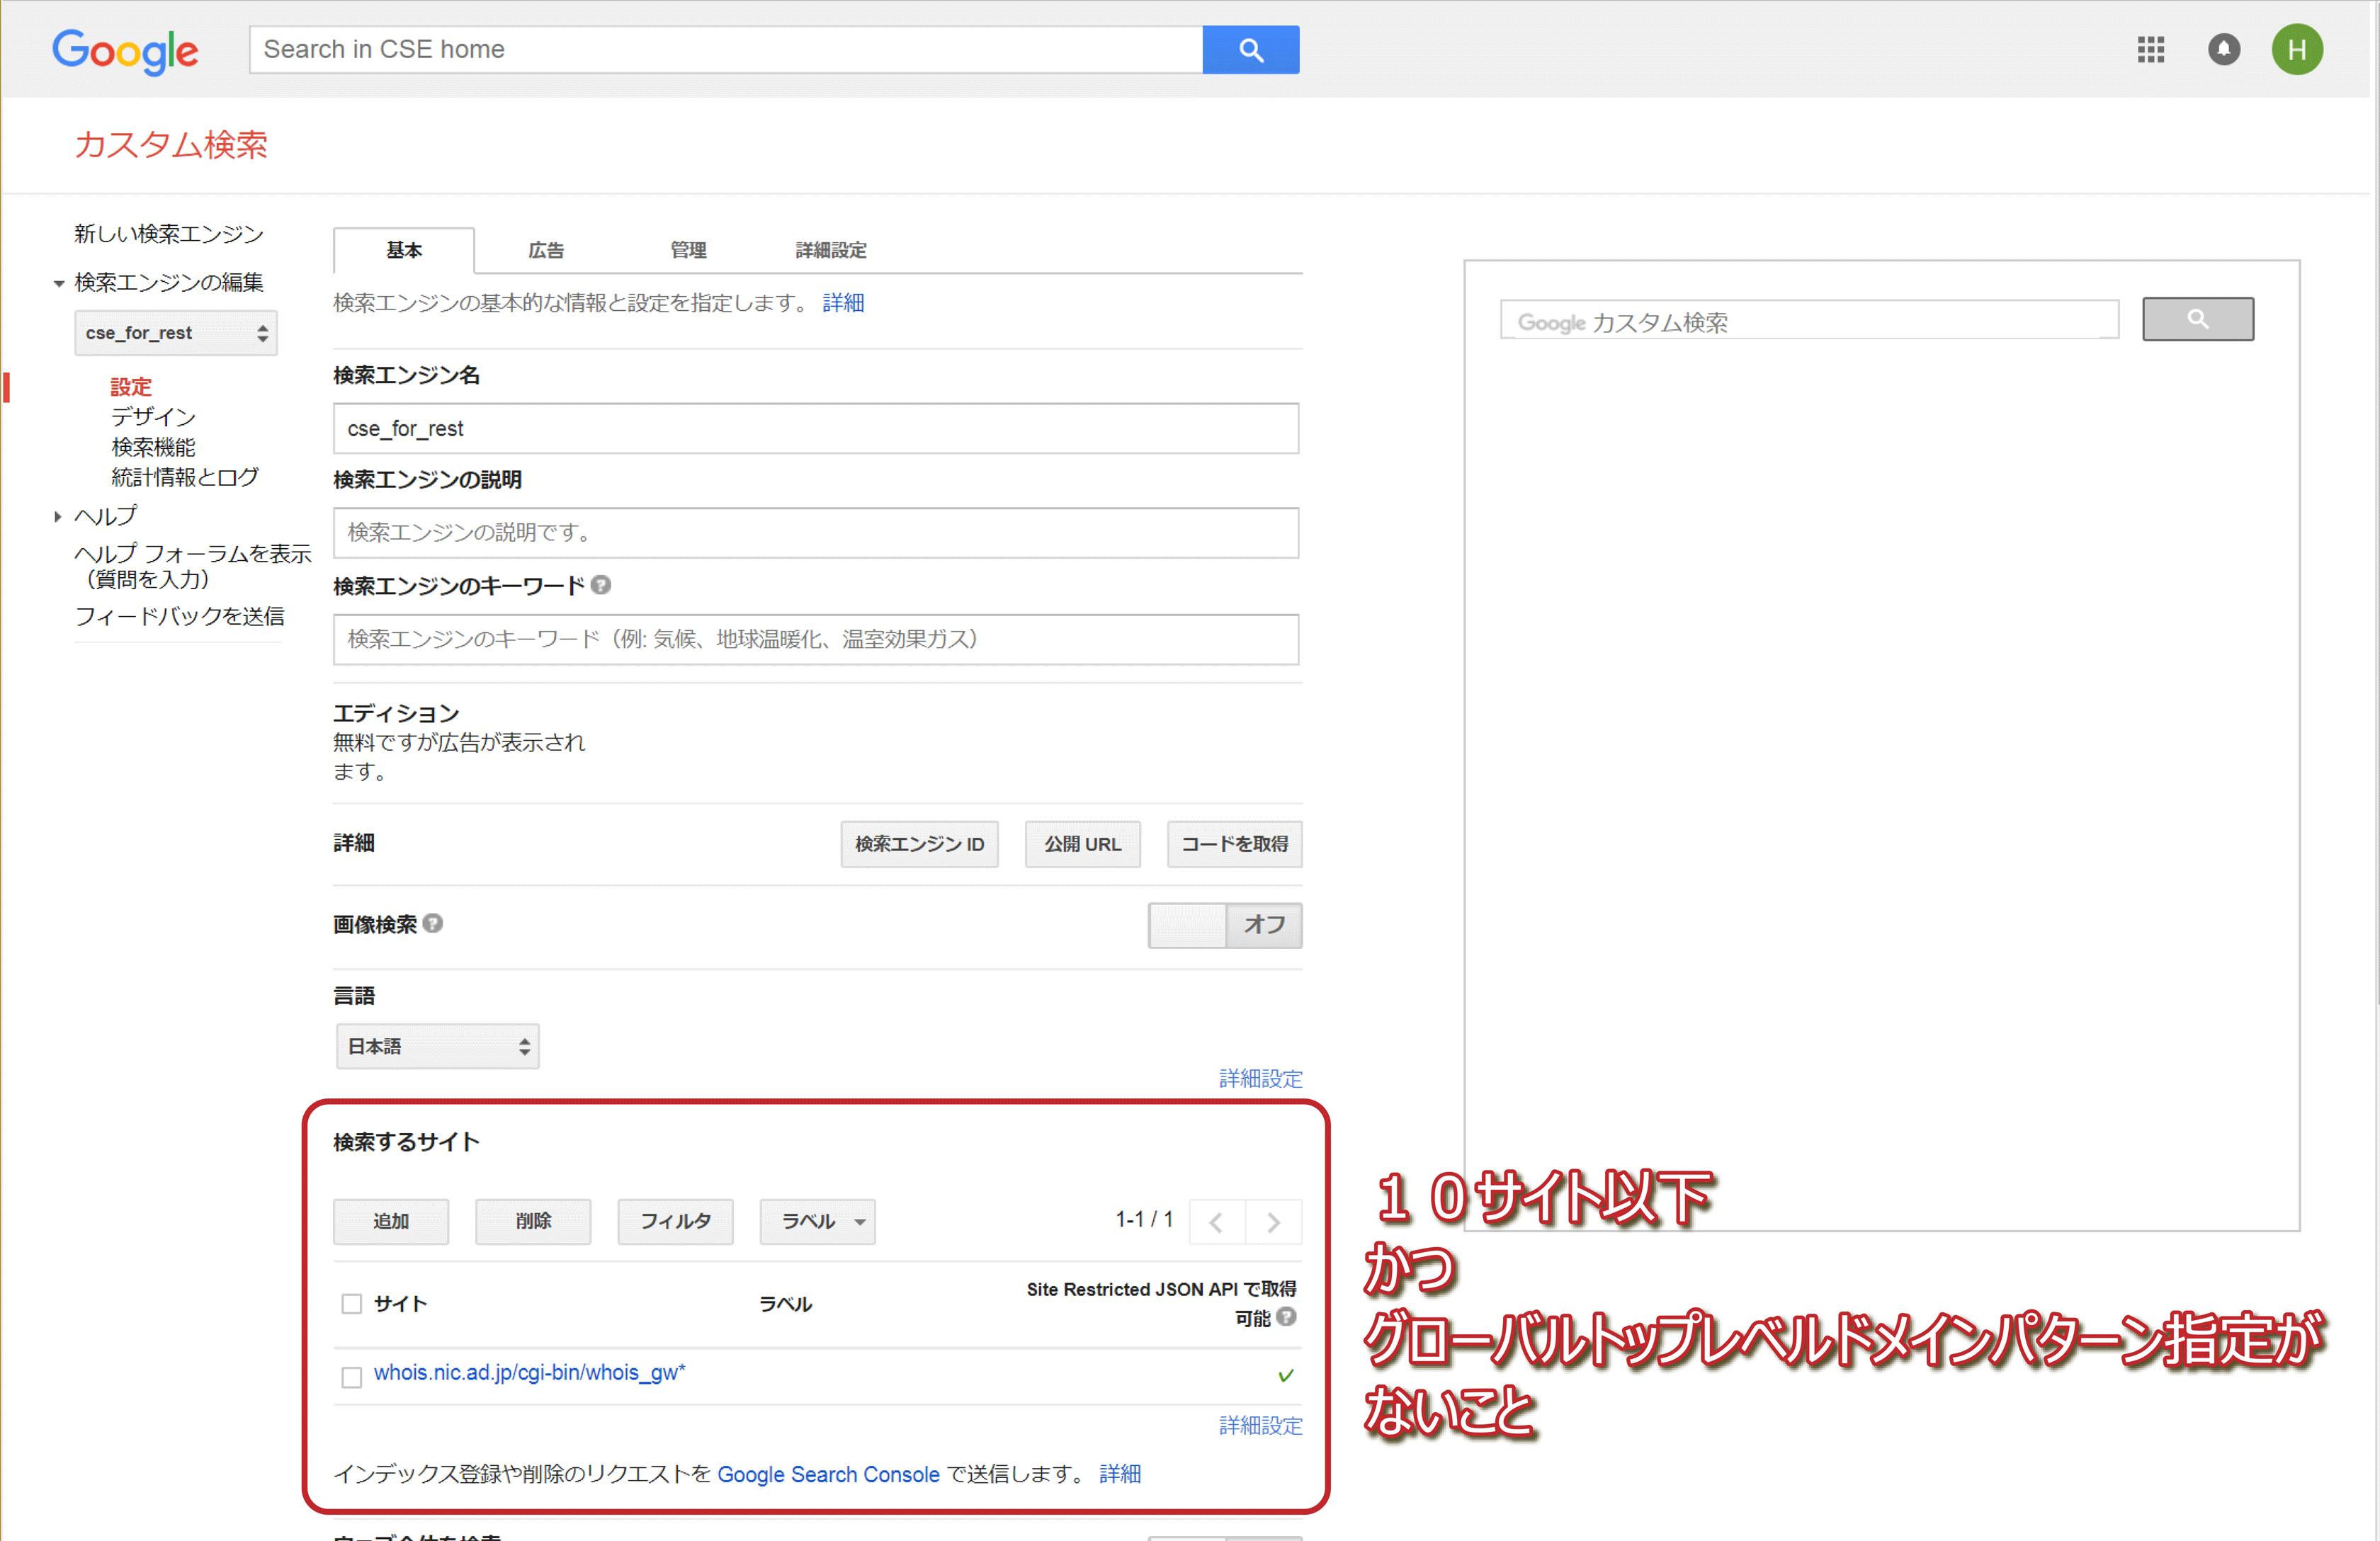 制限・課金もなし!?】Custom Search Site Restricted JSON API